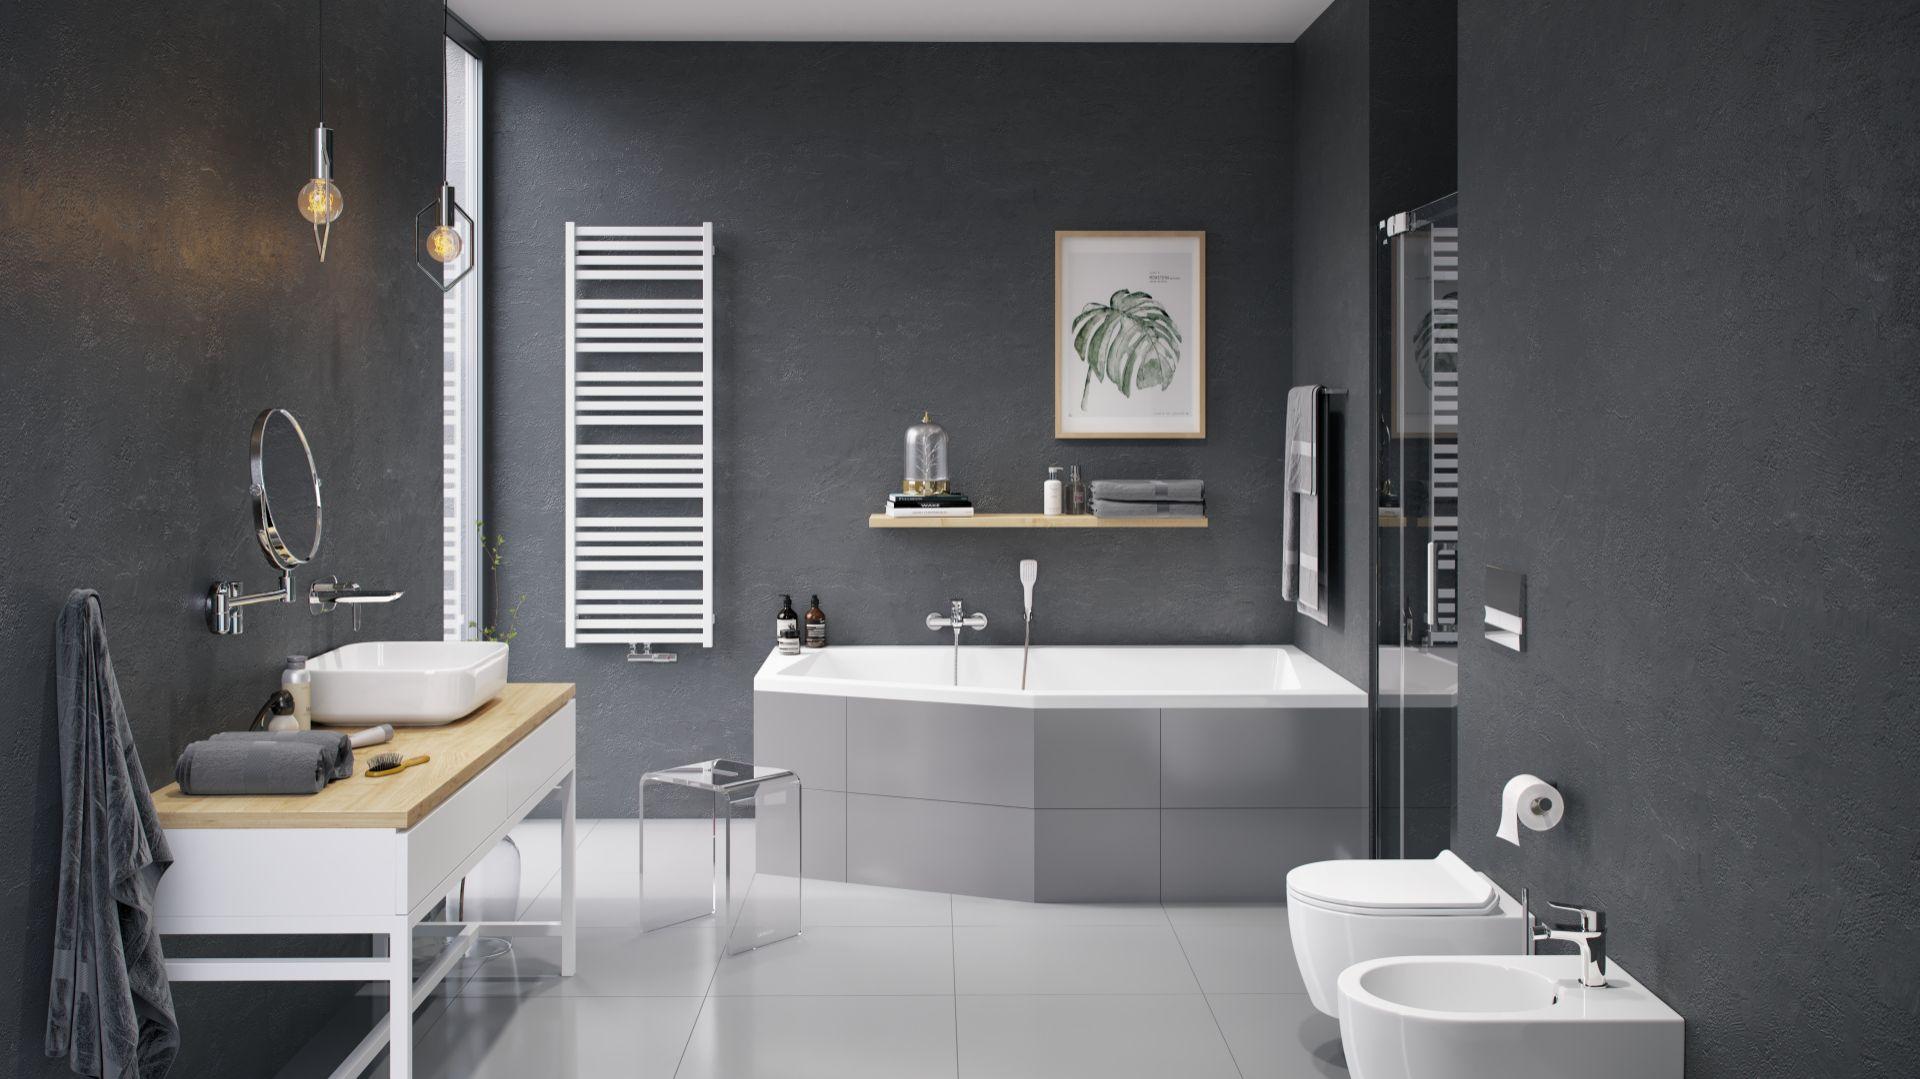 Armatura łazienkowa z serii Clever/Excellent. Produkt zgłoszony do konkursu Dobry Design 2018.